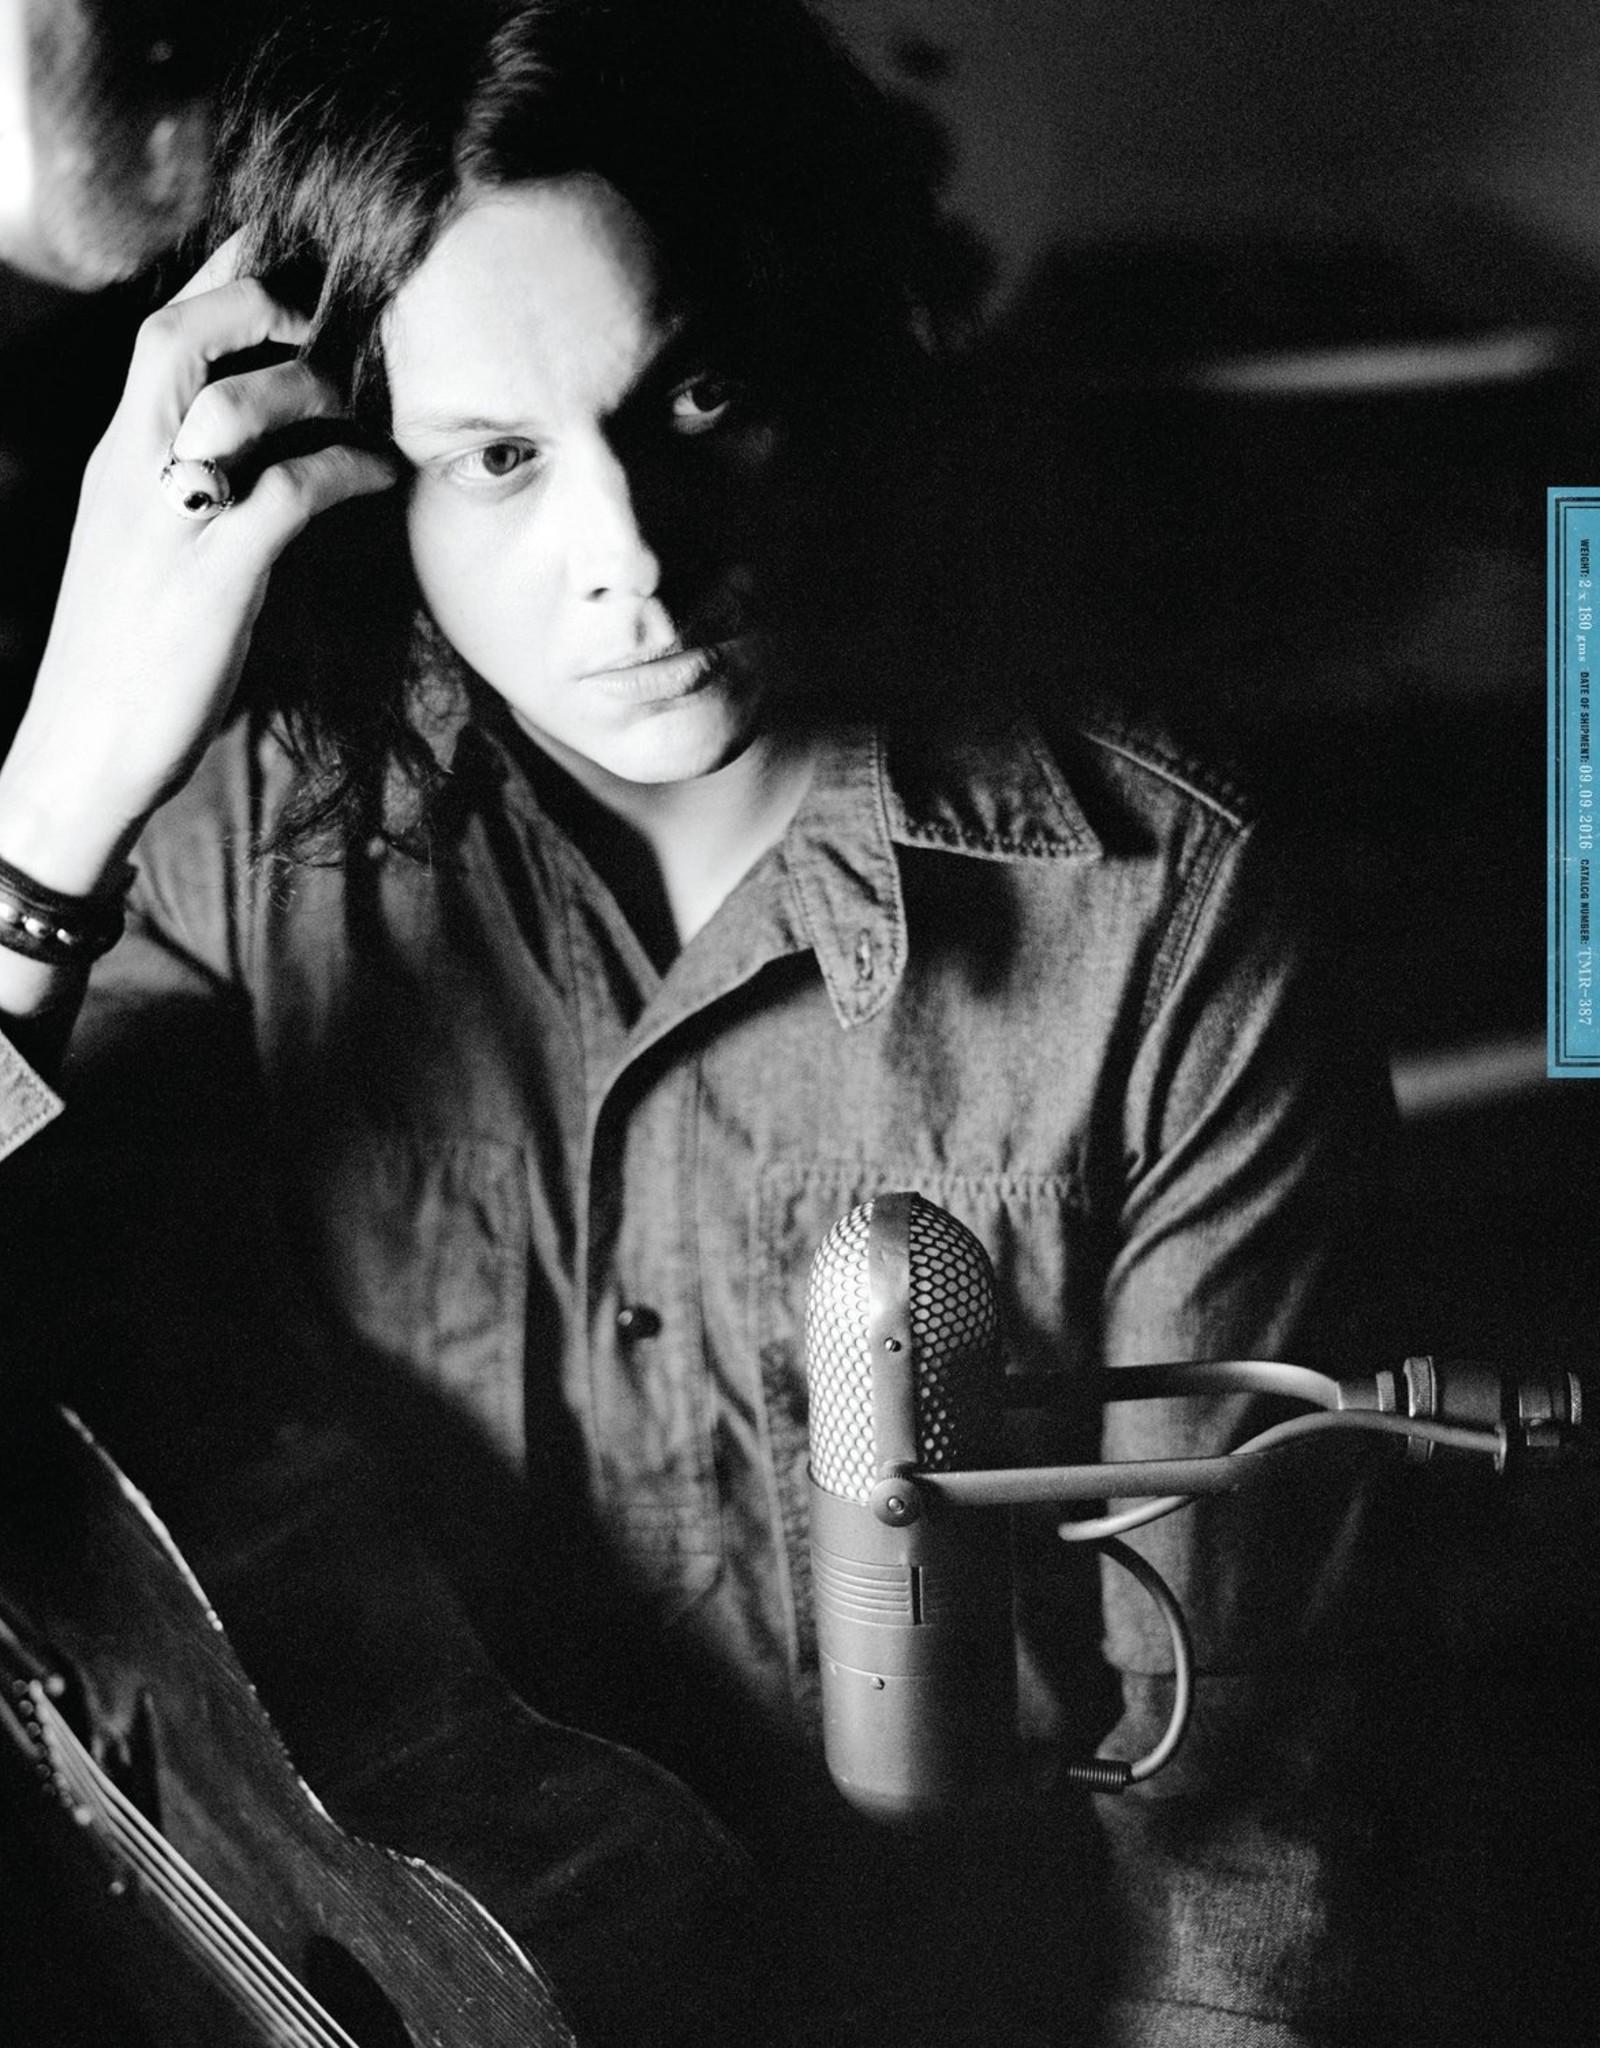 Jack White - Acoustic Recordings 1998-2016 (Double Lp)